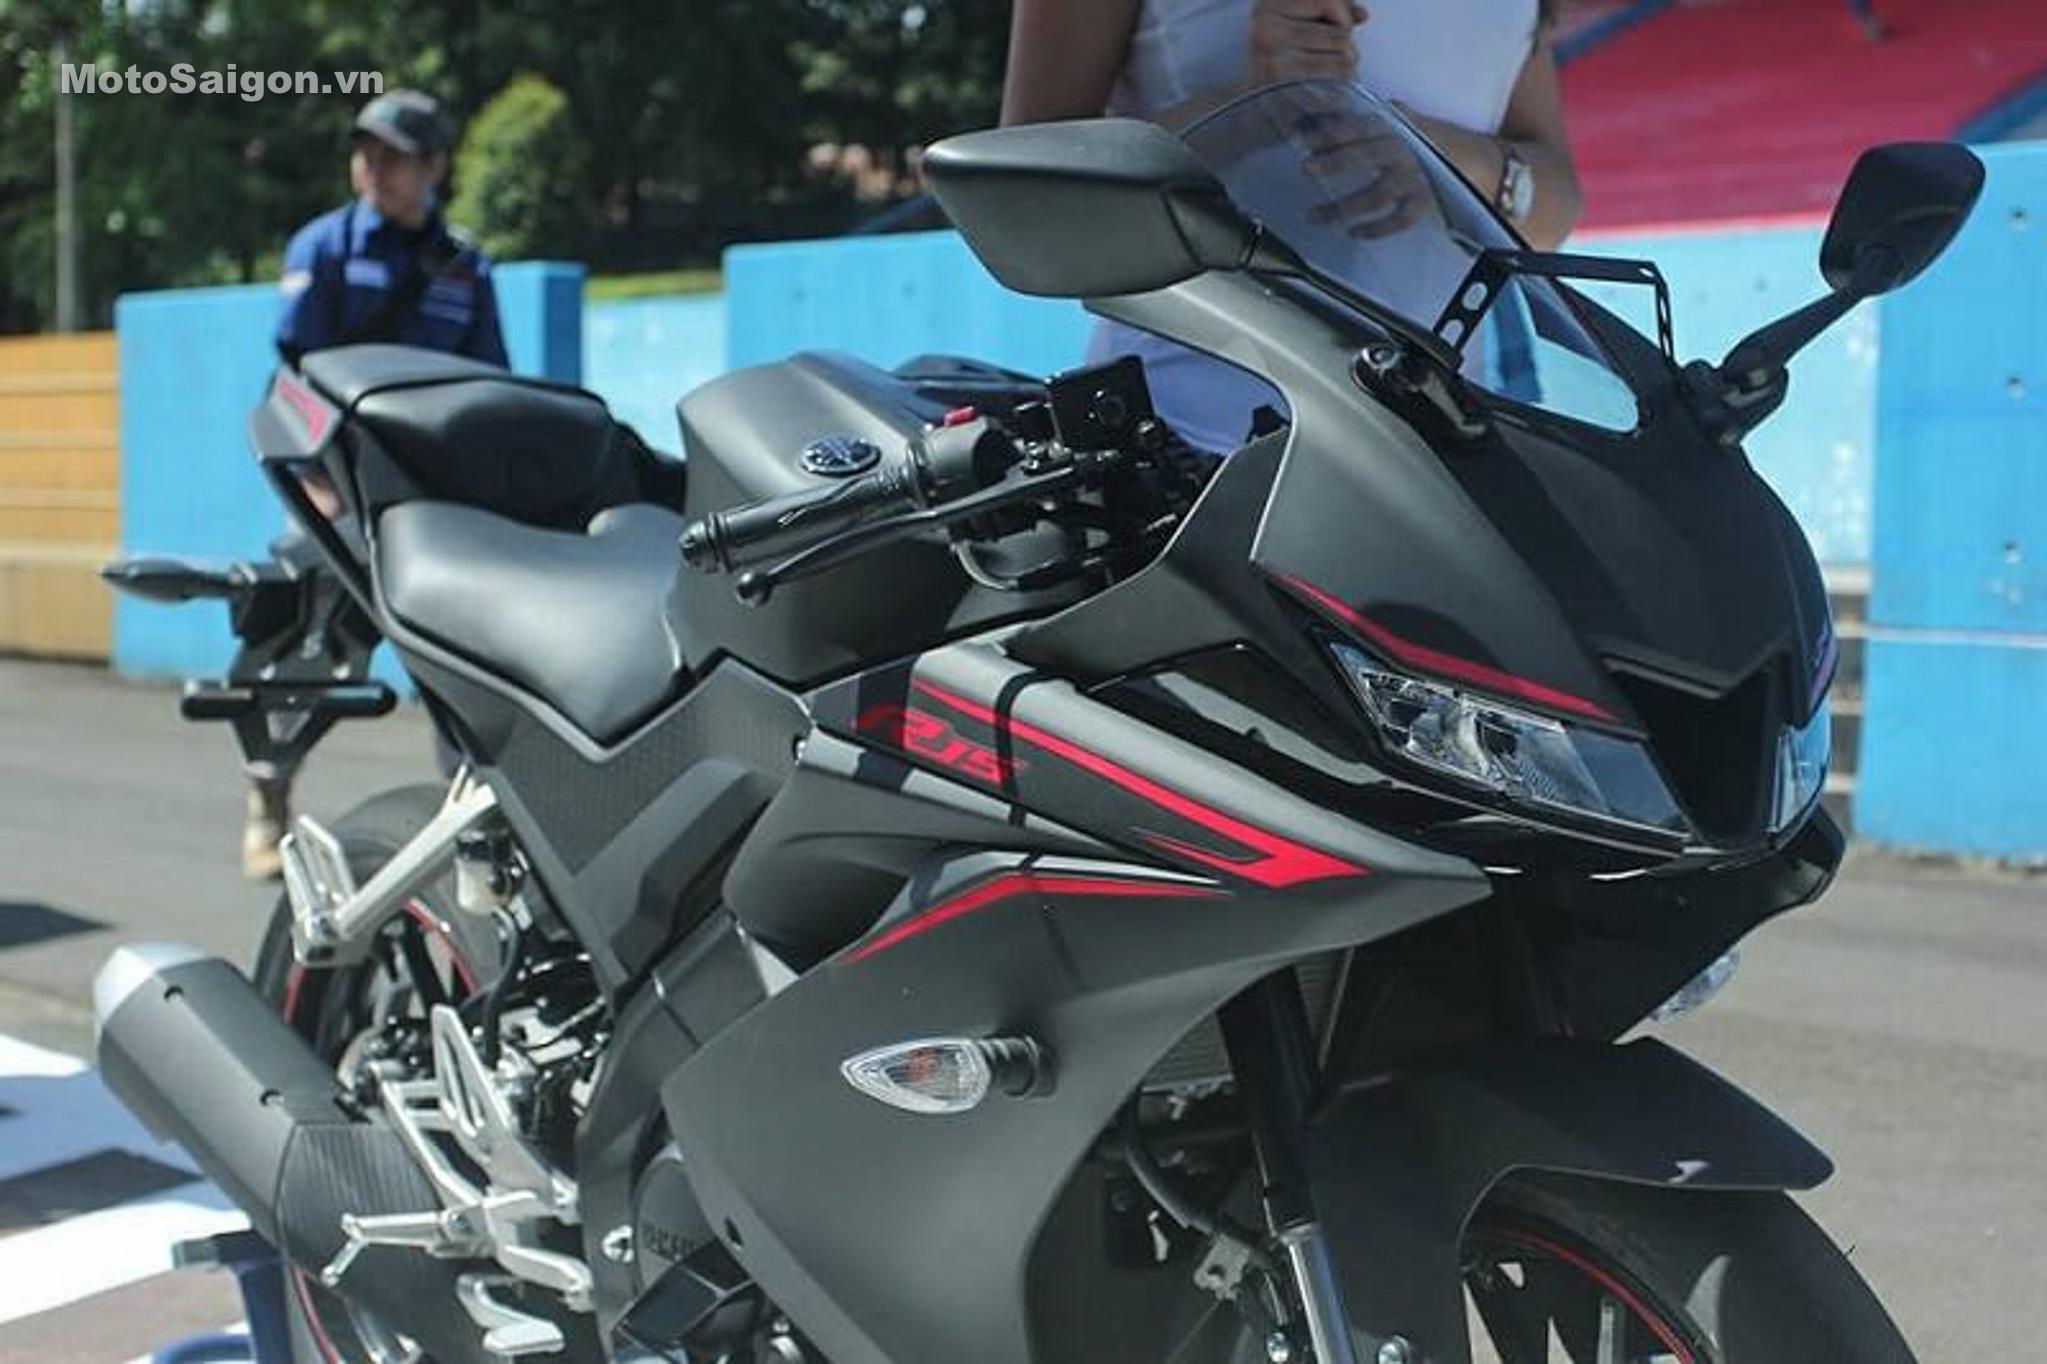 danh-gia-xe-yamaha-r15-v3-2017-hinh-anh-motosaigon-13